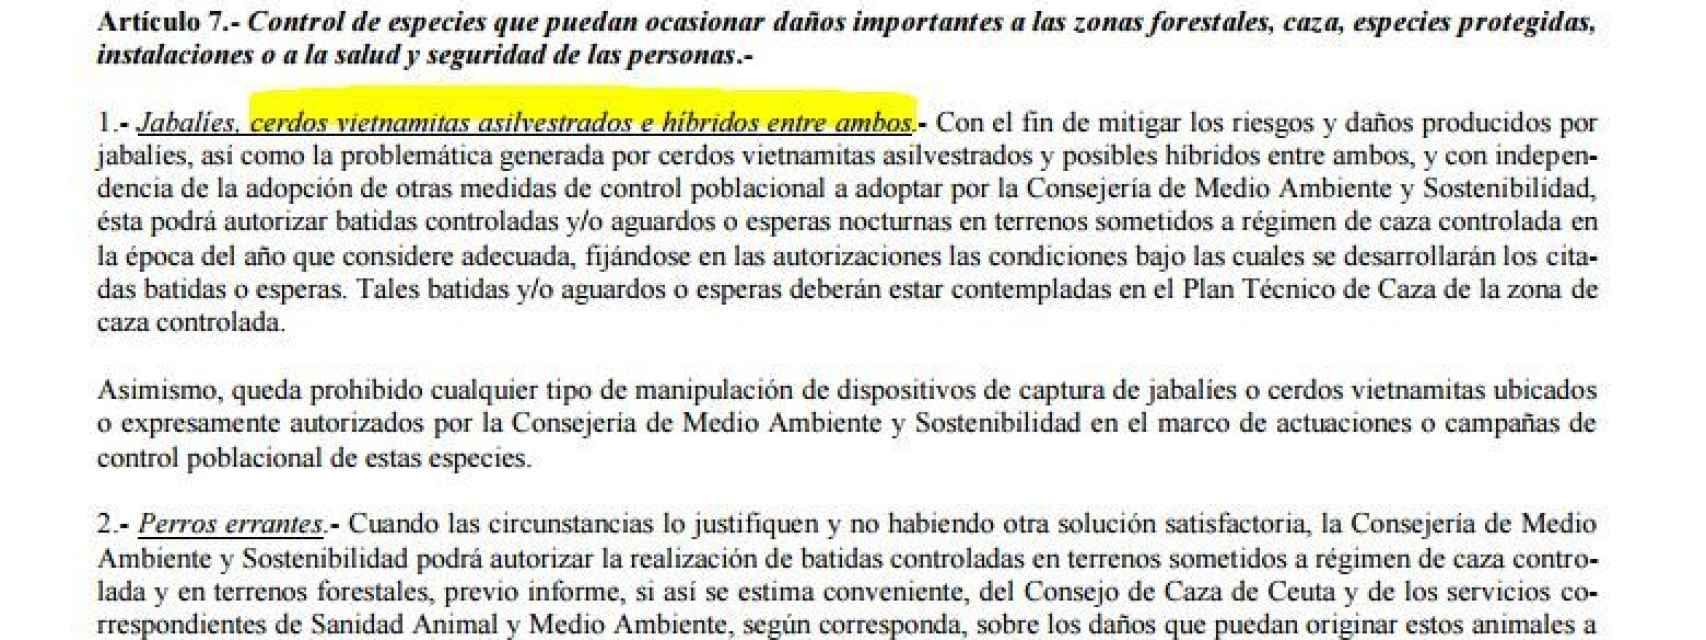 Boletín Oficial Ciudad de Ceuta, 8 de agosto de 2016.